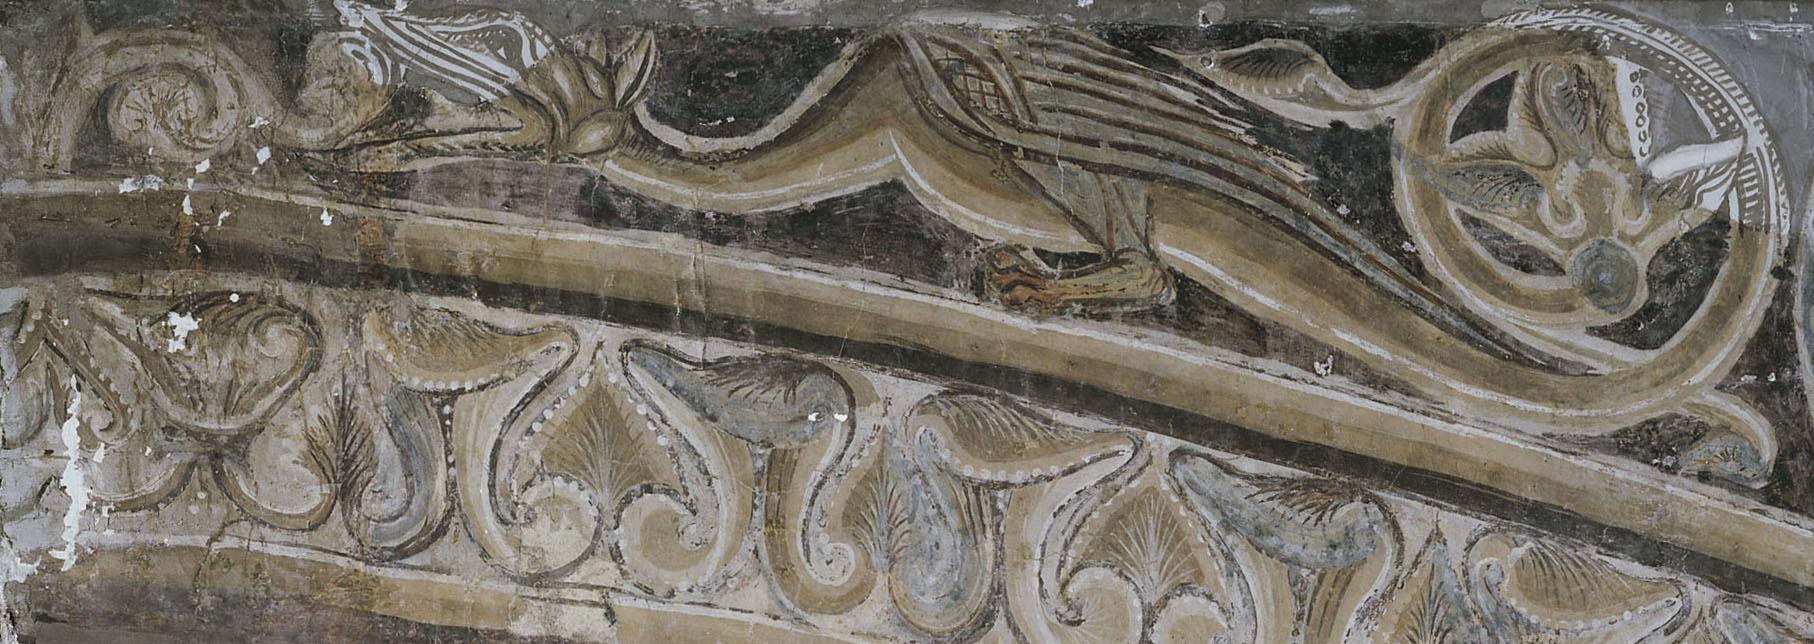 Mestre de la sala capitular de Sixena - Un àngel ensenya Adam a treballar la terra, de la sala capitular de Sixena - Entre 1196-1208 [4]